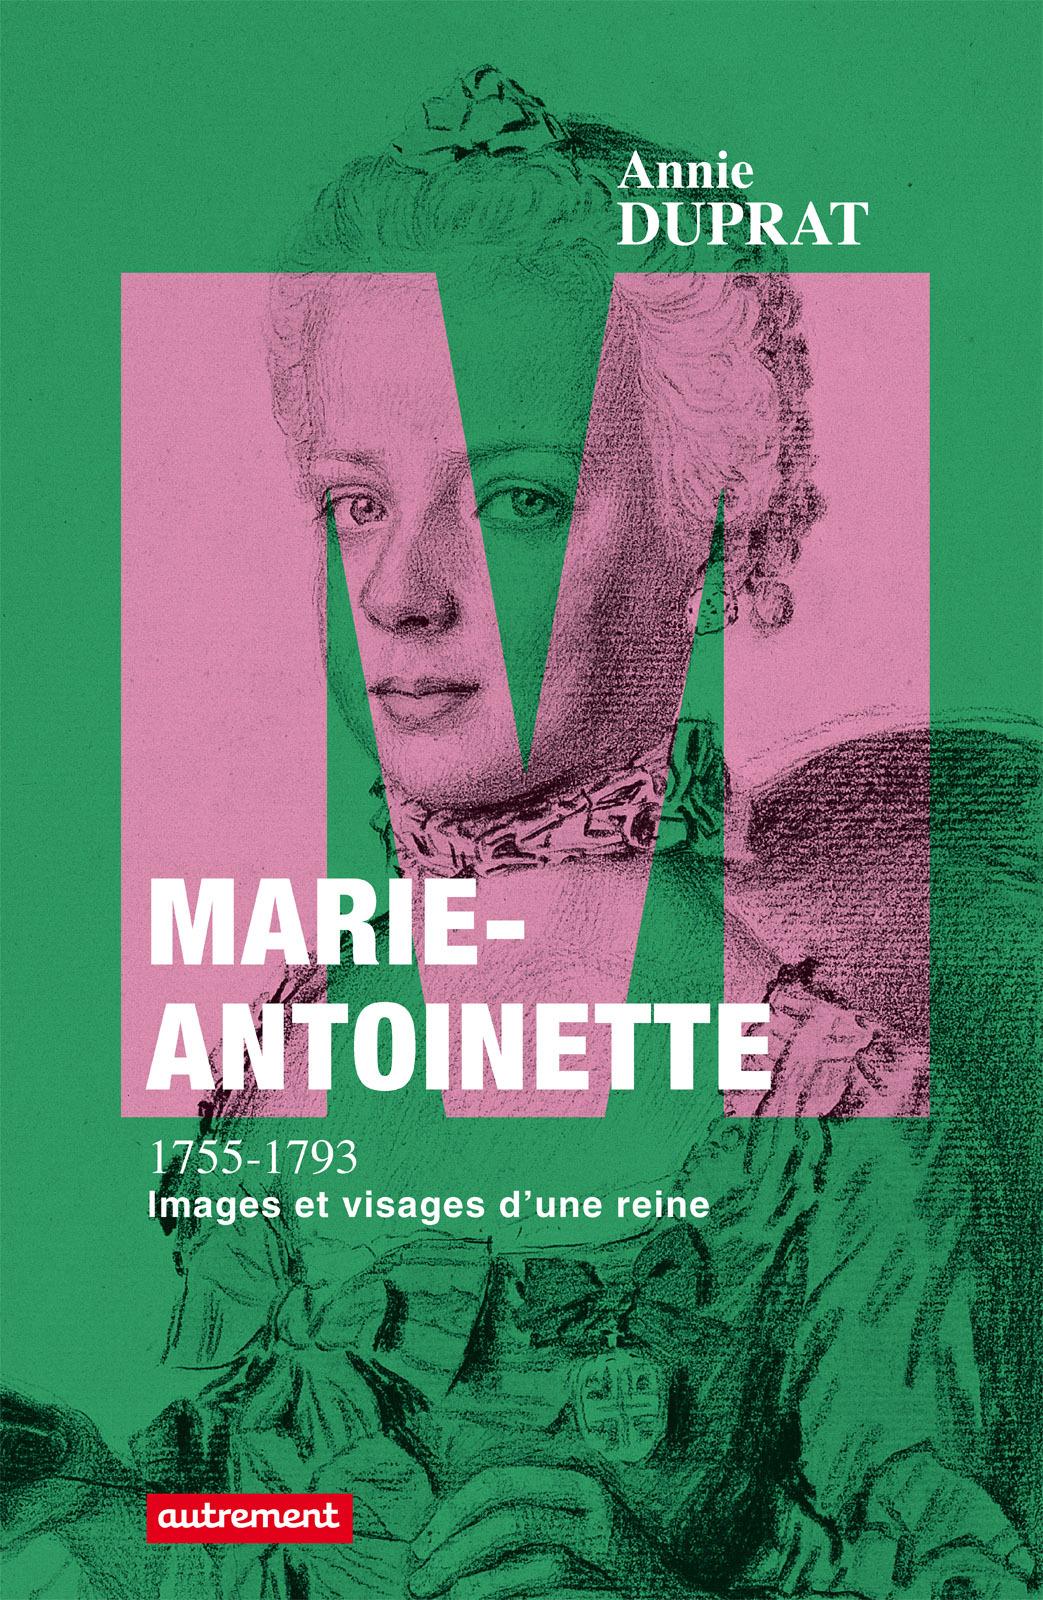 Marie-Antoinette 1755-1793, IMAGES ET VISAGES D'UNE REINE